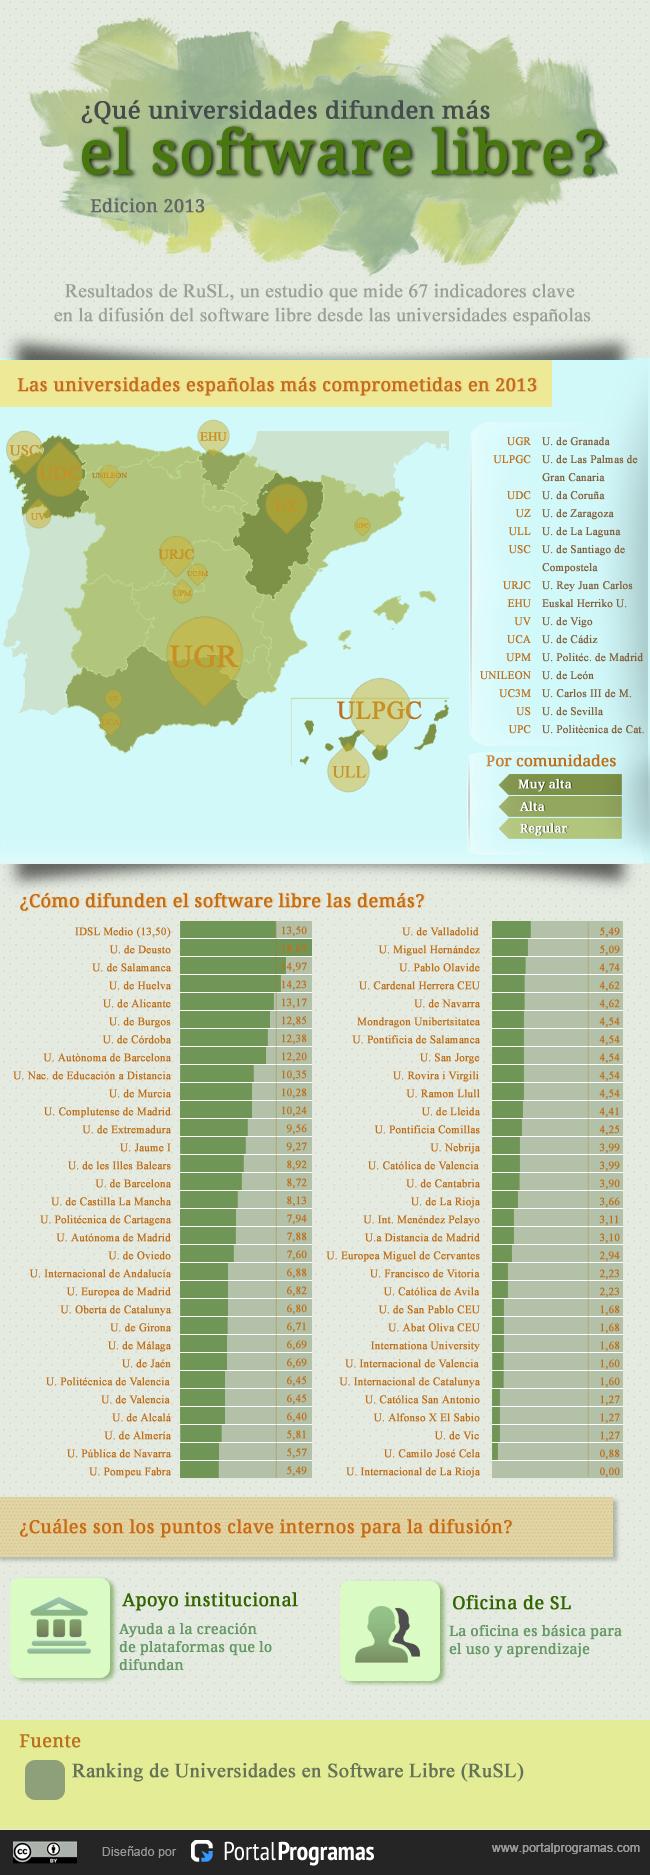 Universidades españolas que más difunden el software libre